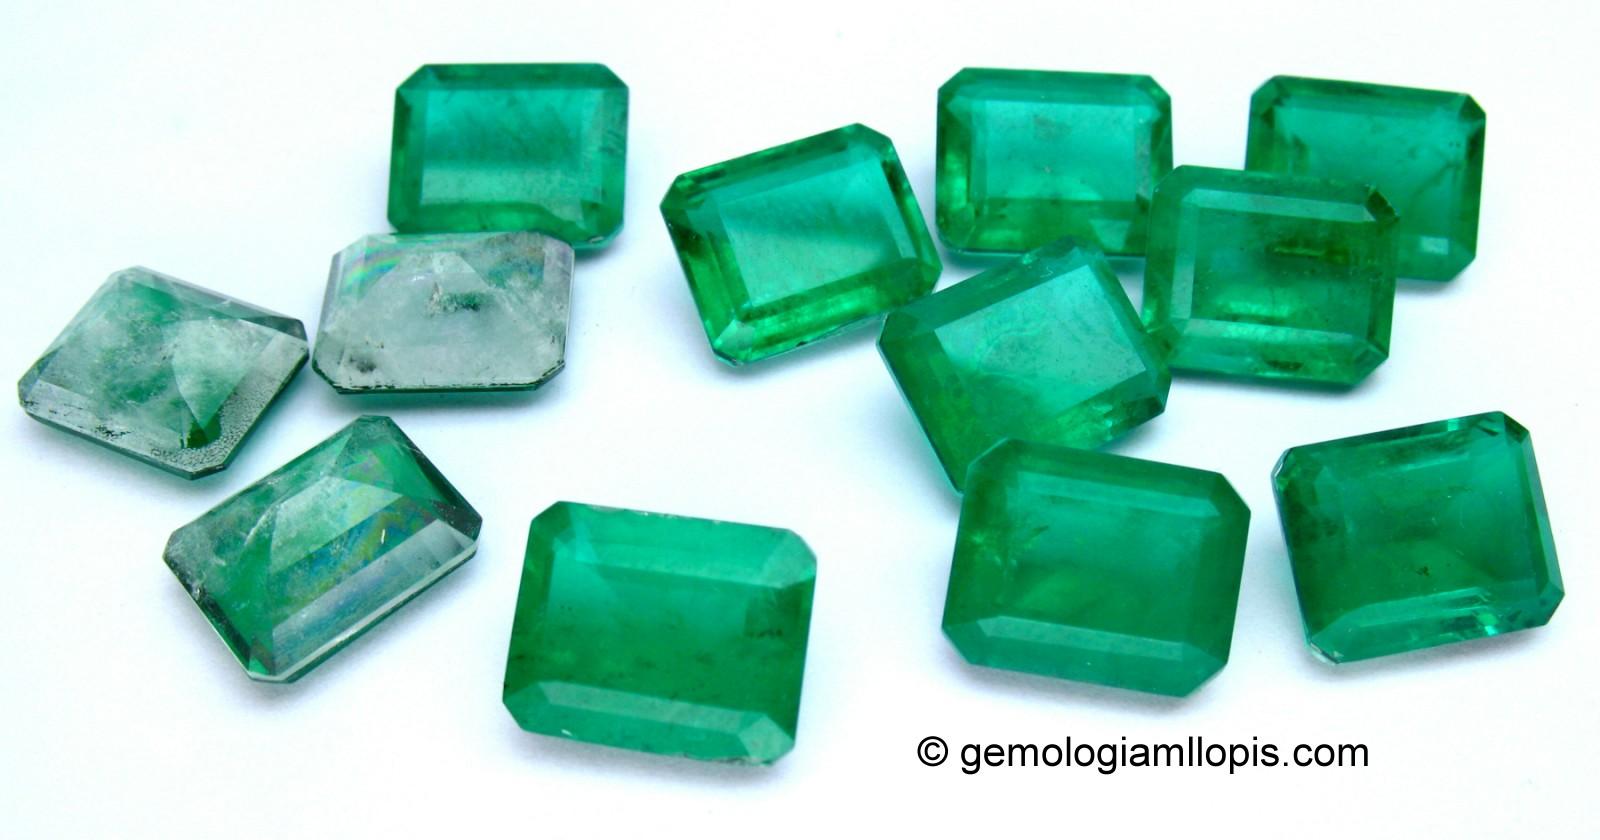 Dobletes de cuarzo. Dos partes de cuarzo unidos por una lámina de color verde esmeralda.